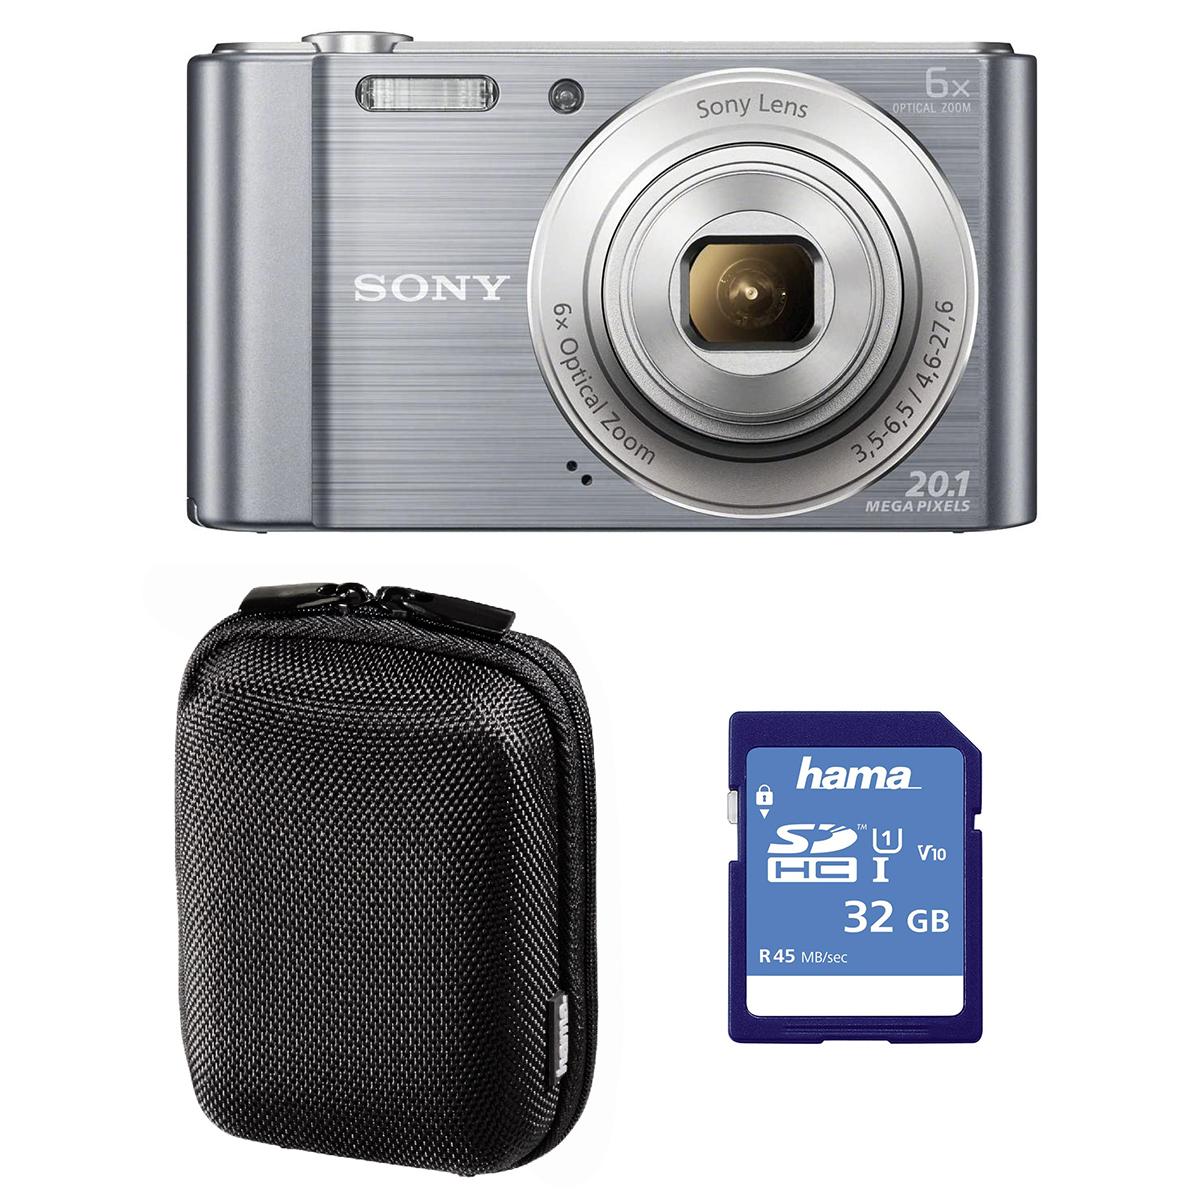 Sony W810 Silver Camera Bundle